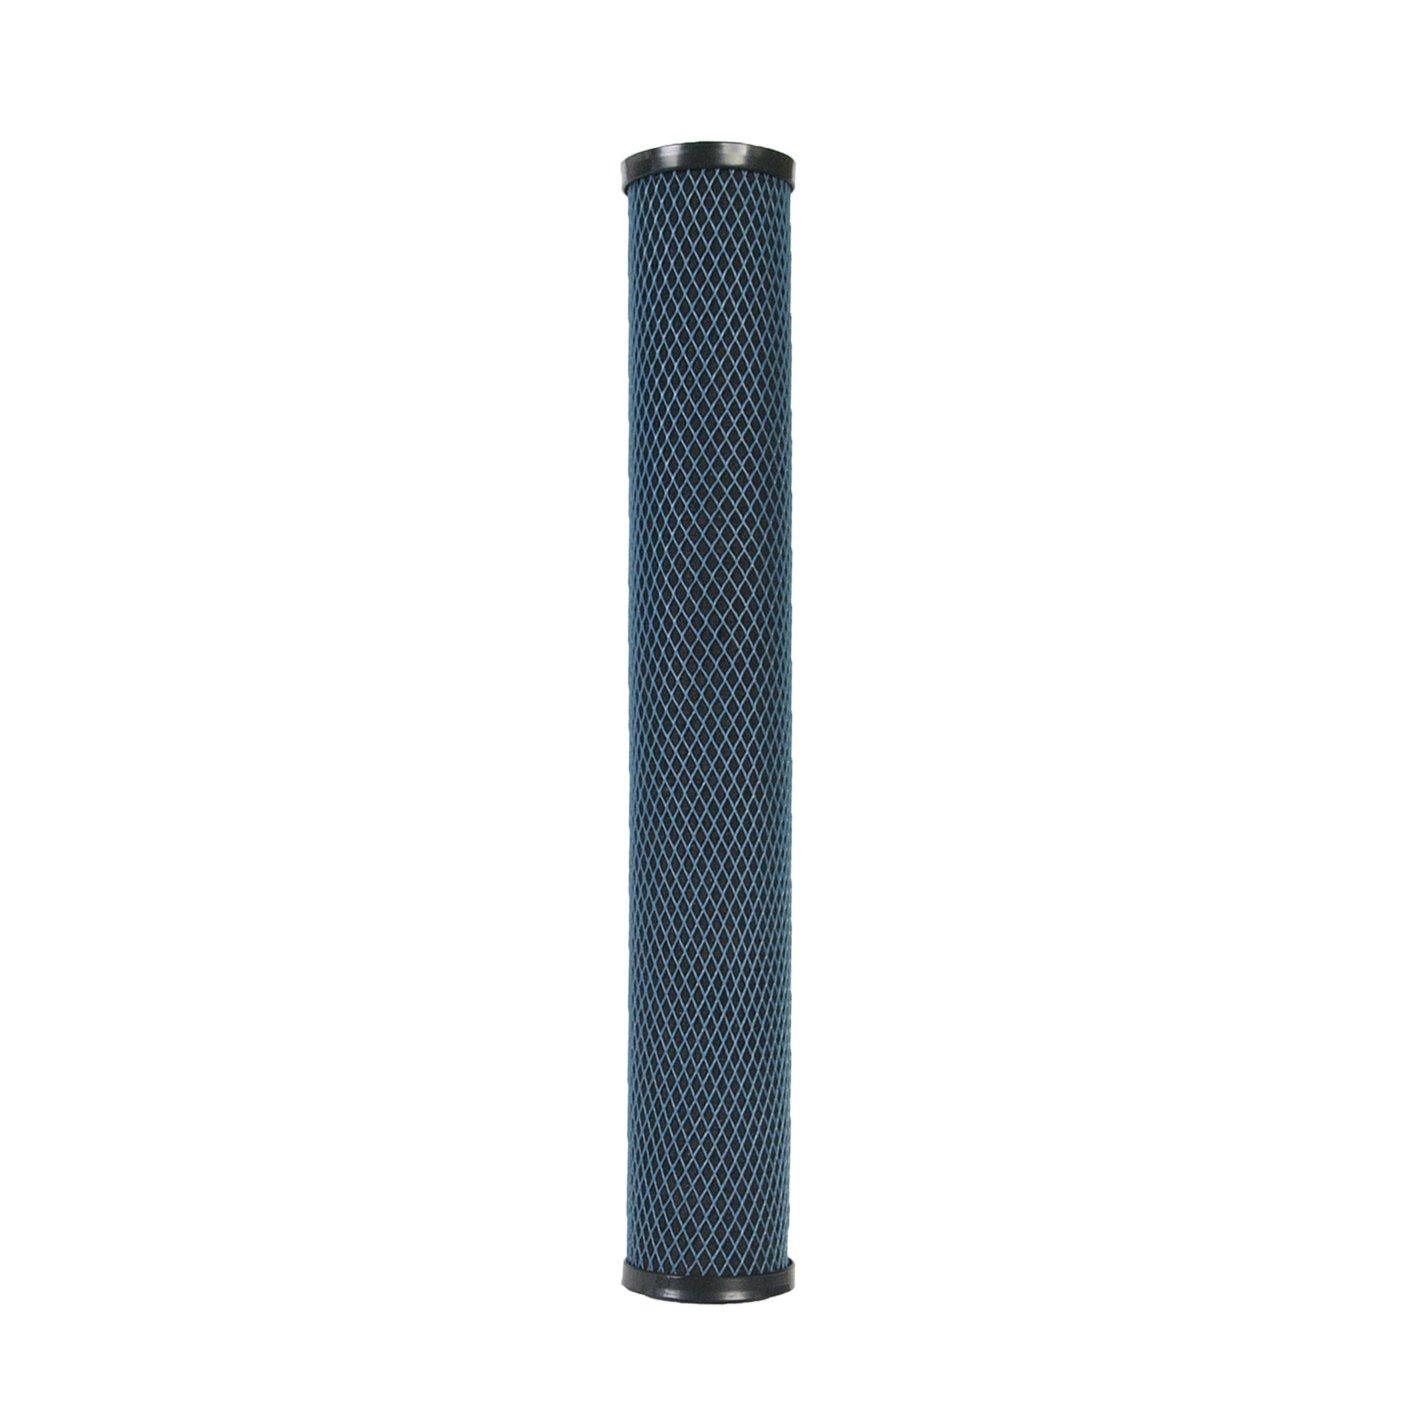 1 x pre-filtro bloque de carbón activado de primera calidad VYAIR 3038333 para adaptarse al sistema de purificación de ósmosis inversa Merlin de General Electric (también sustituye a los códigos de piezas CFCC-FRO720-C y FRO720-GE_K)